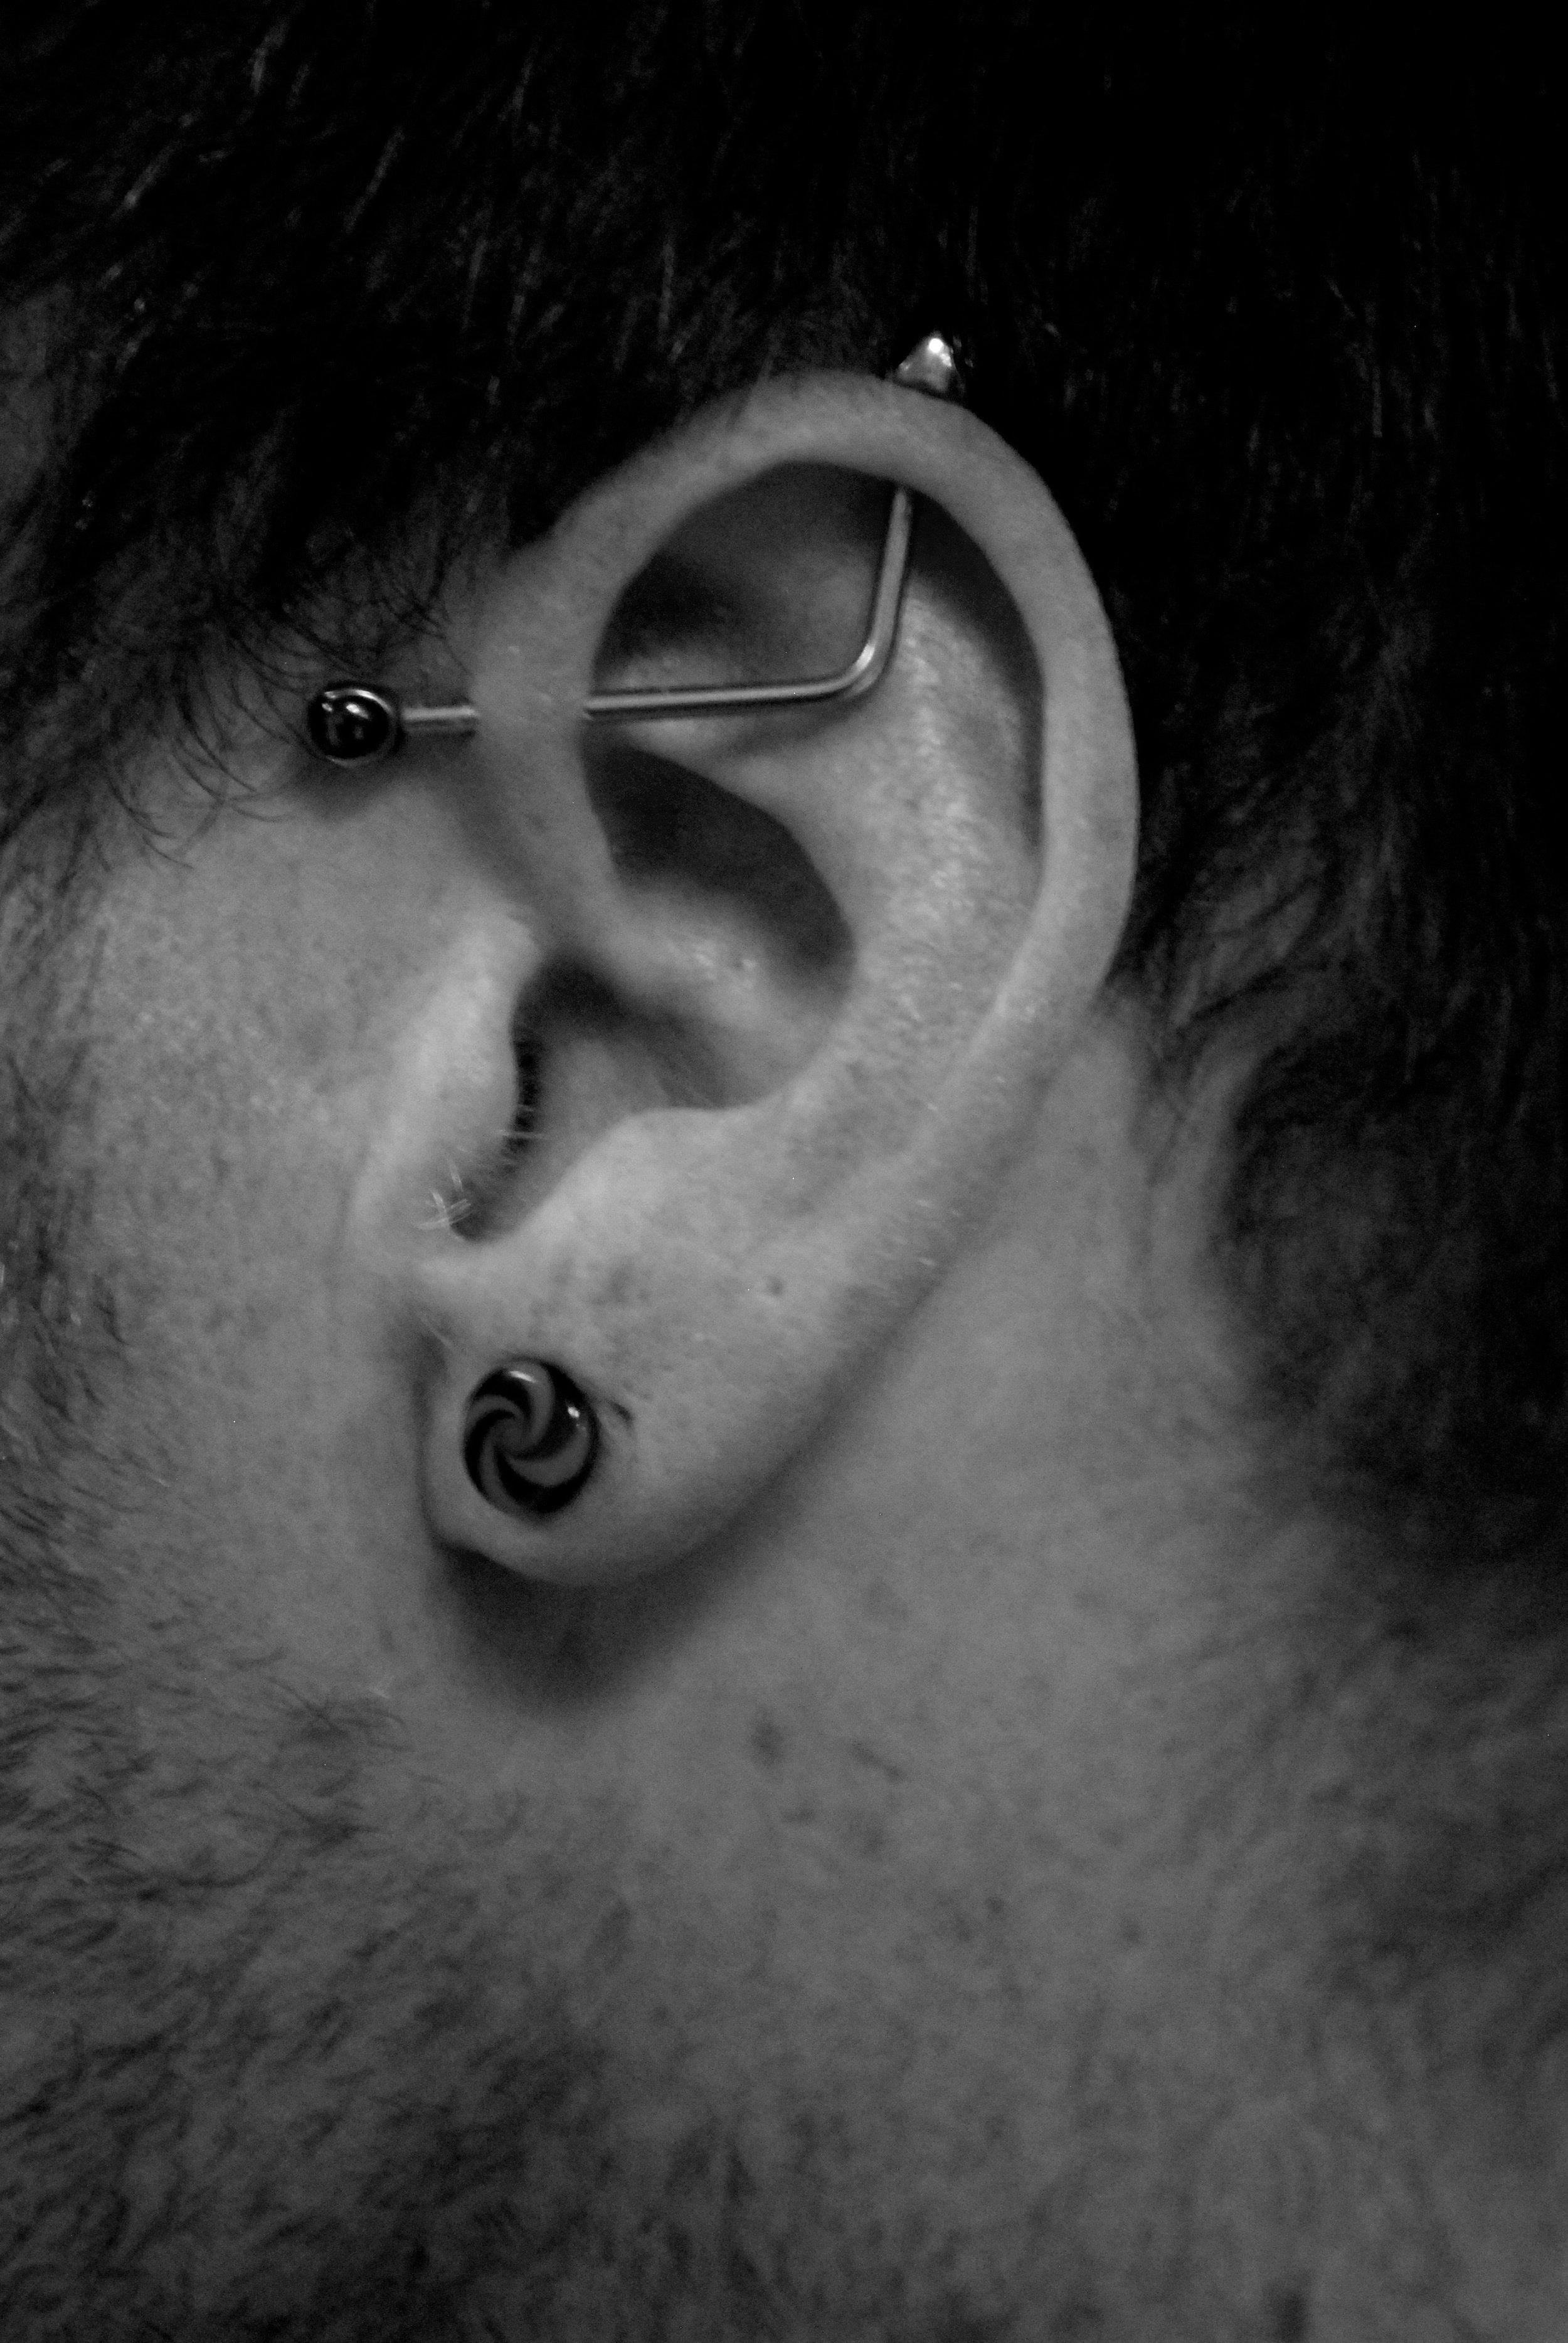 Piercing by Seven Wolfe